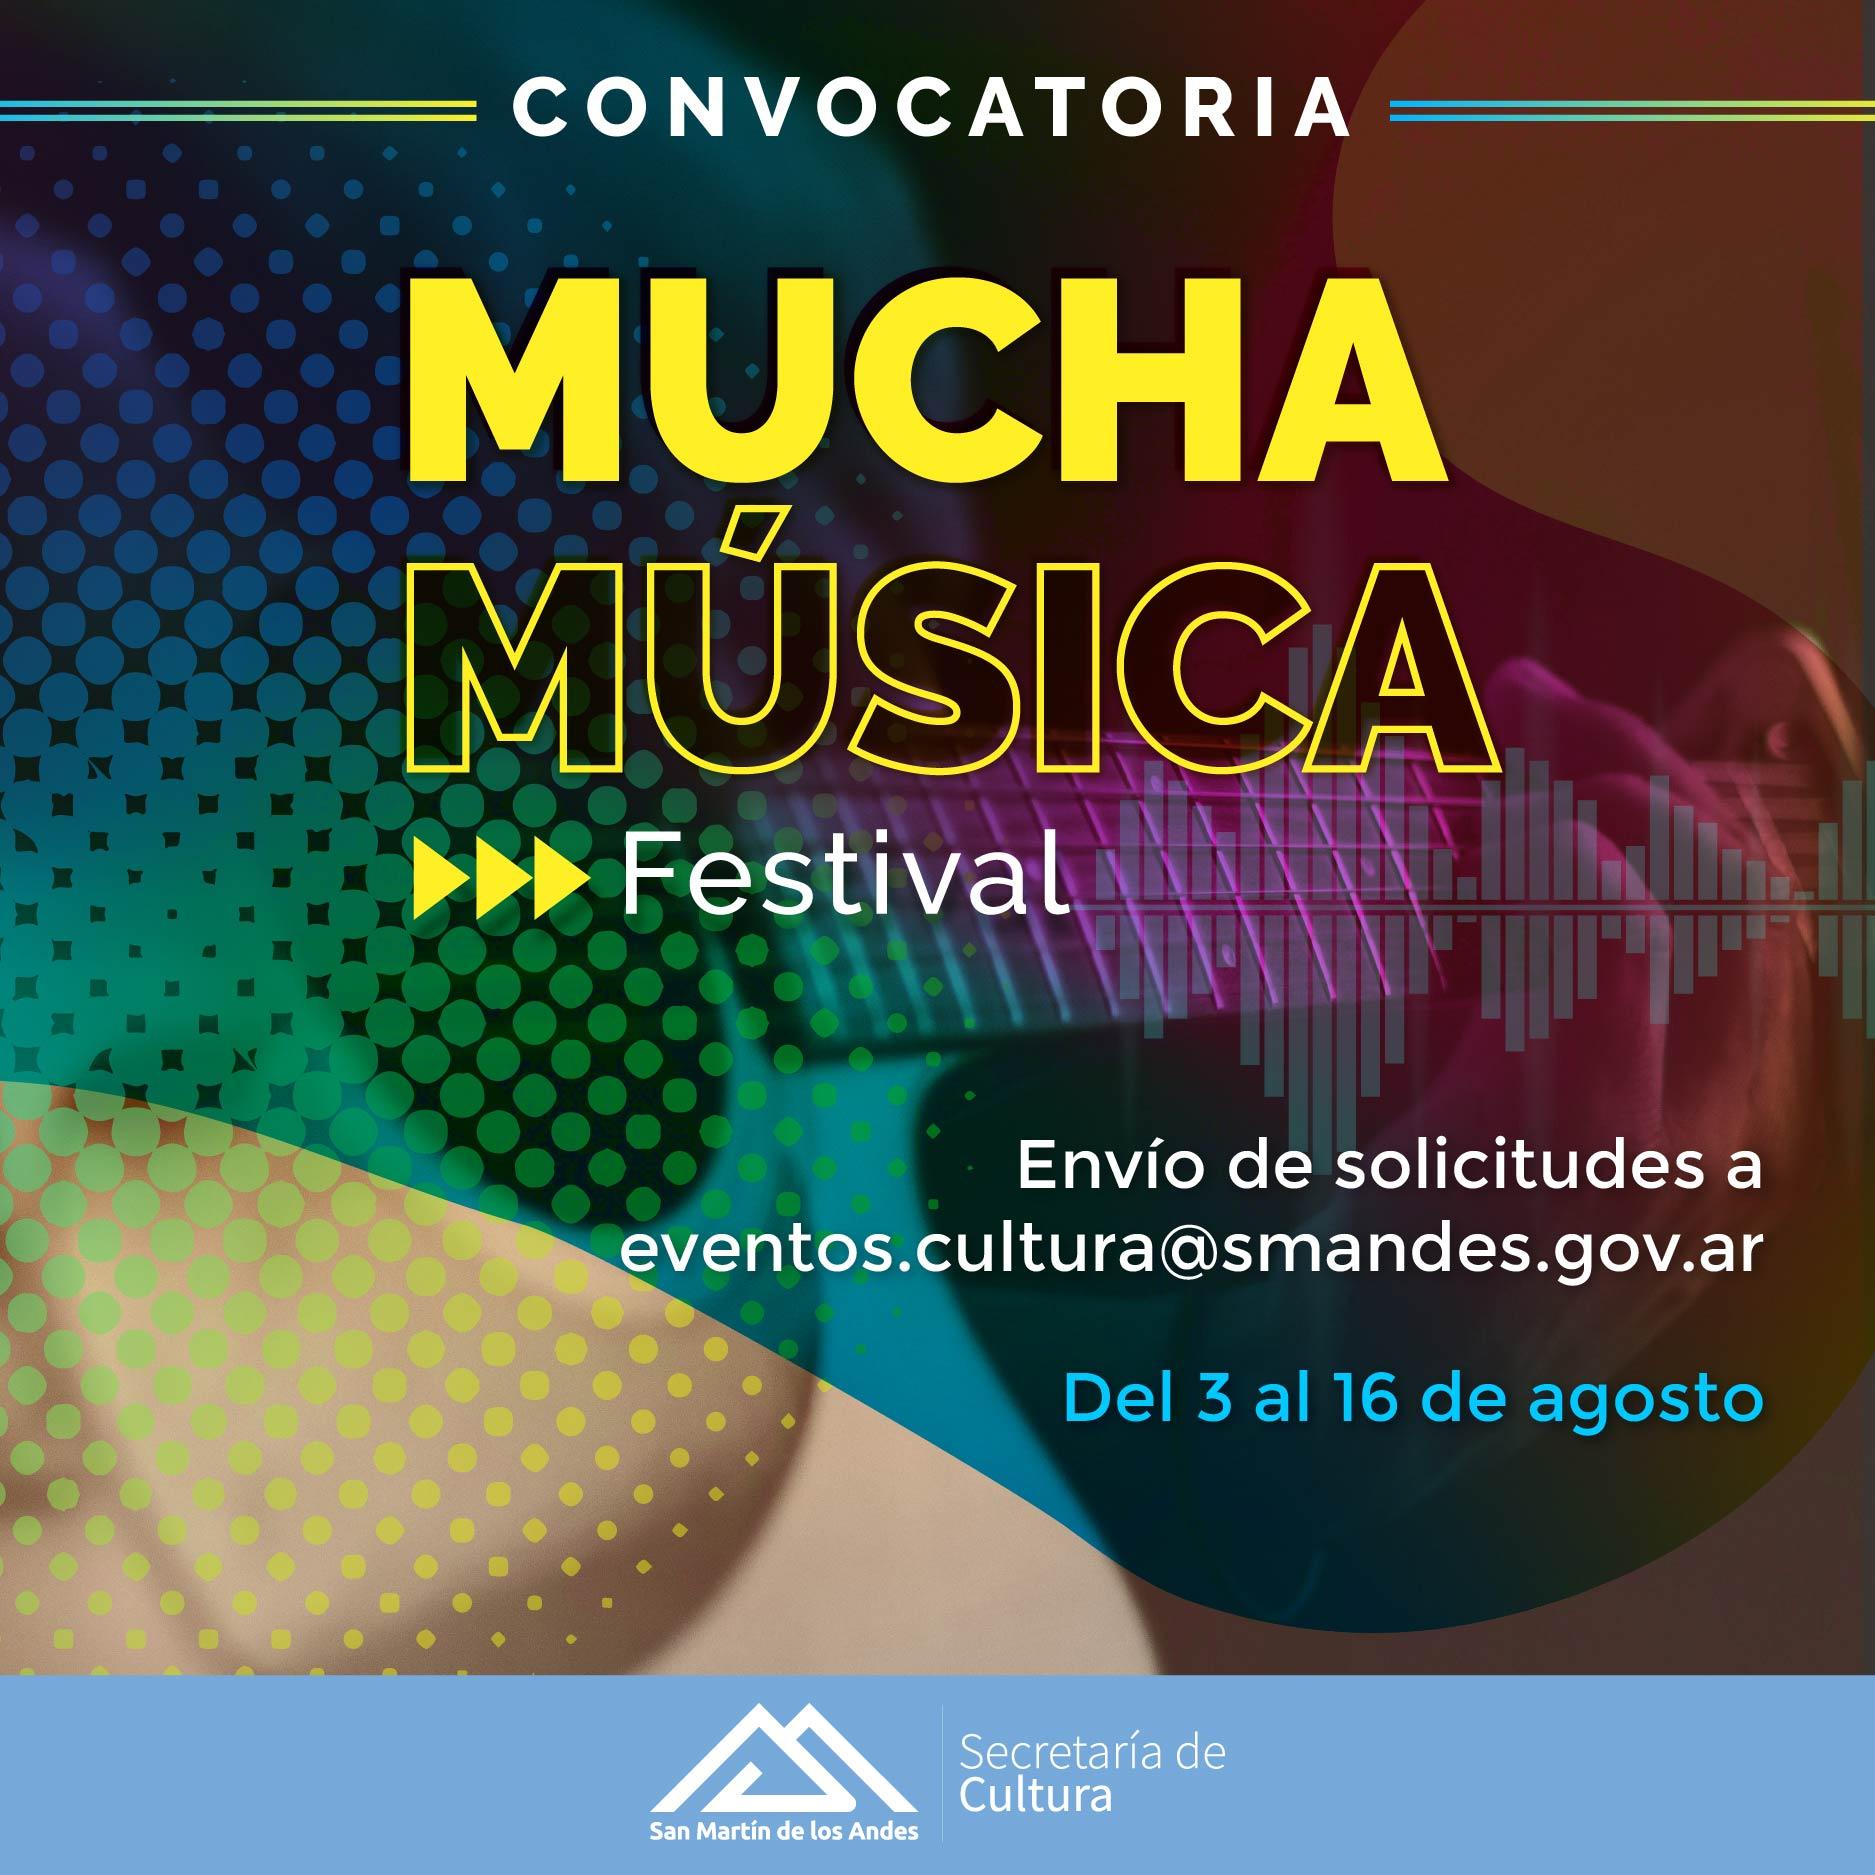 mucha-musica-01